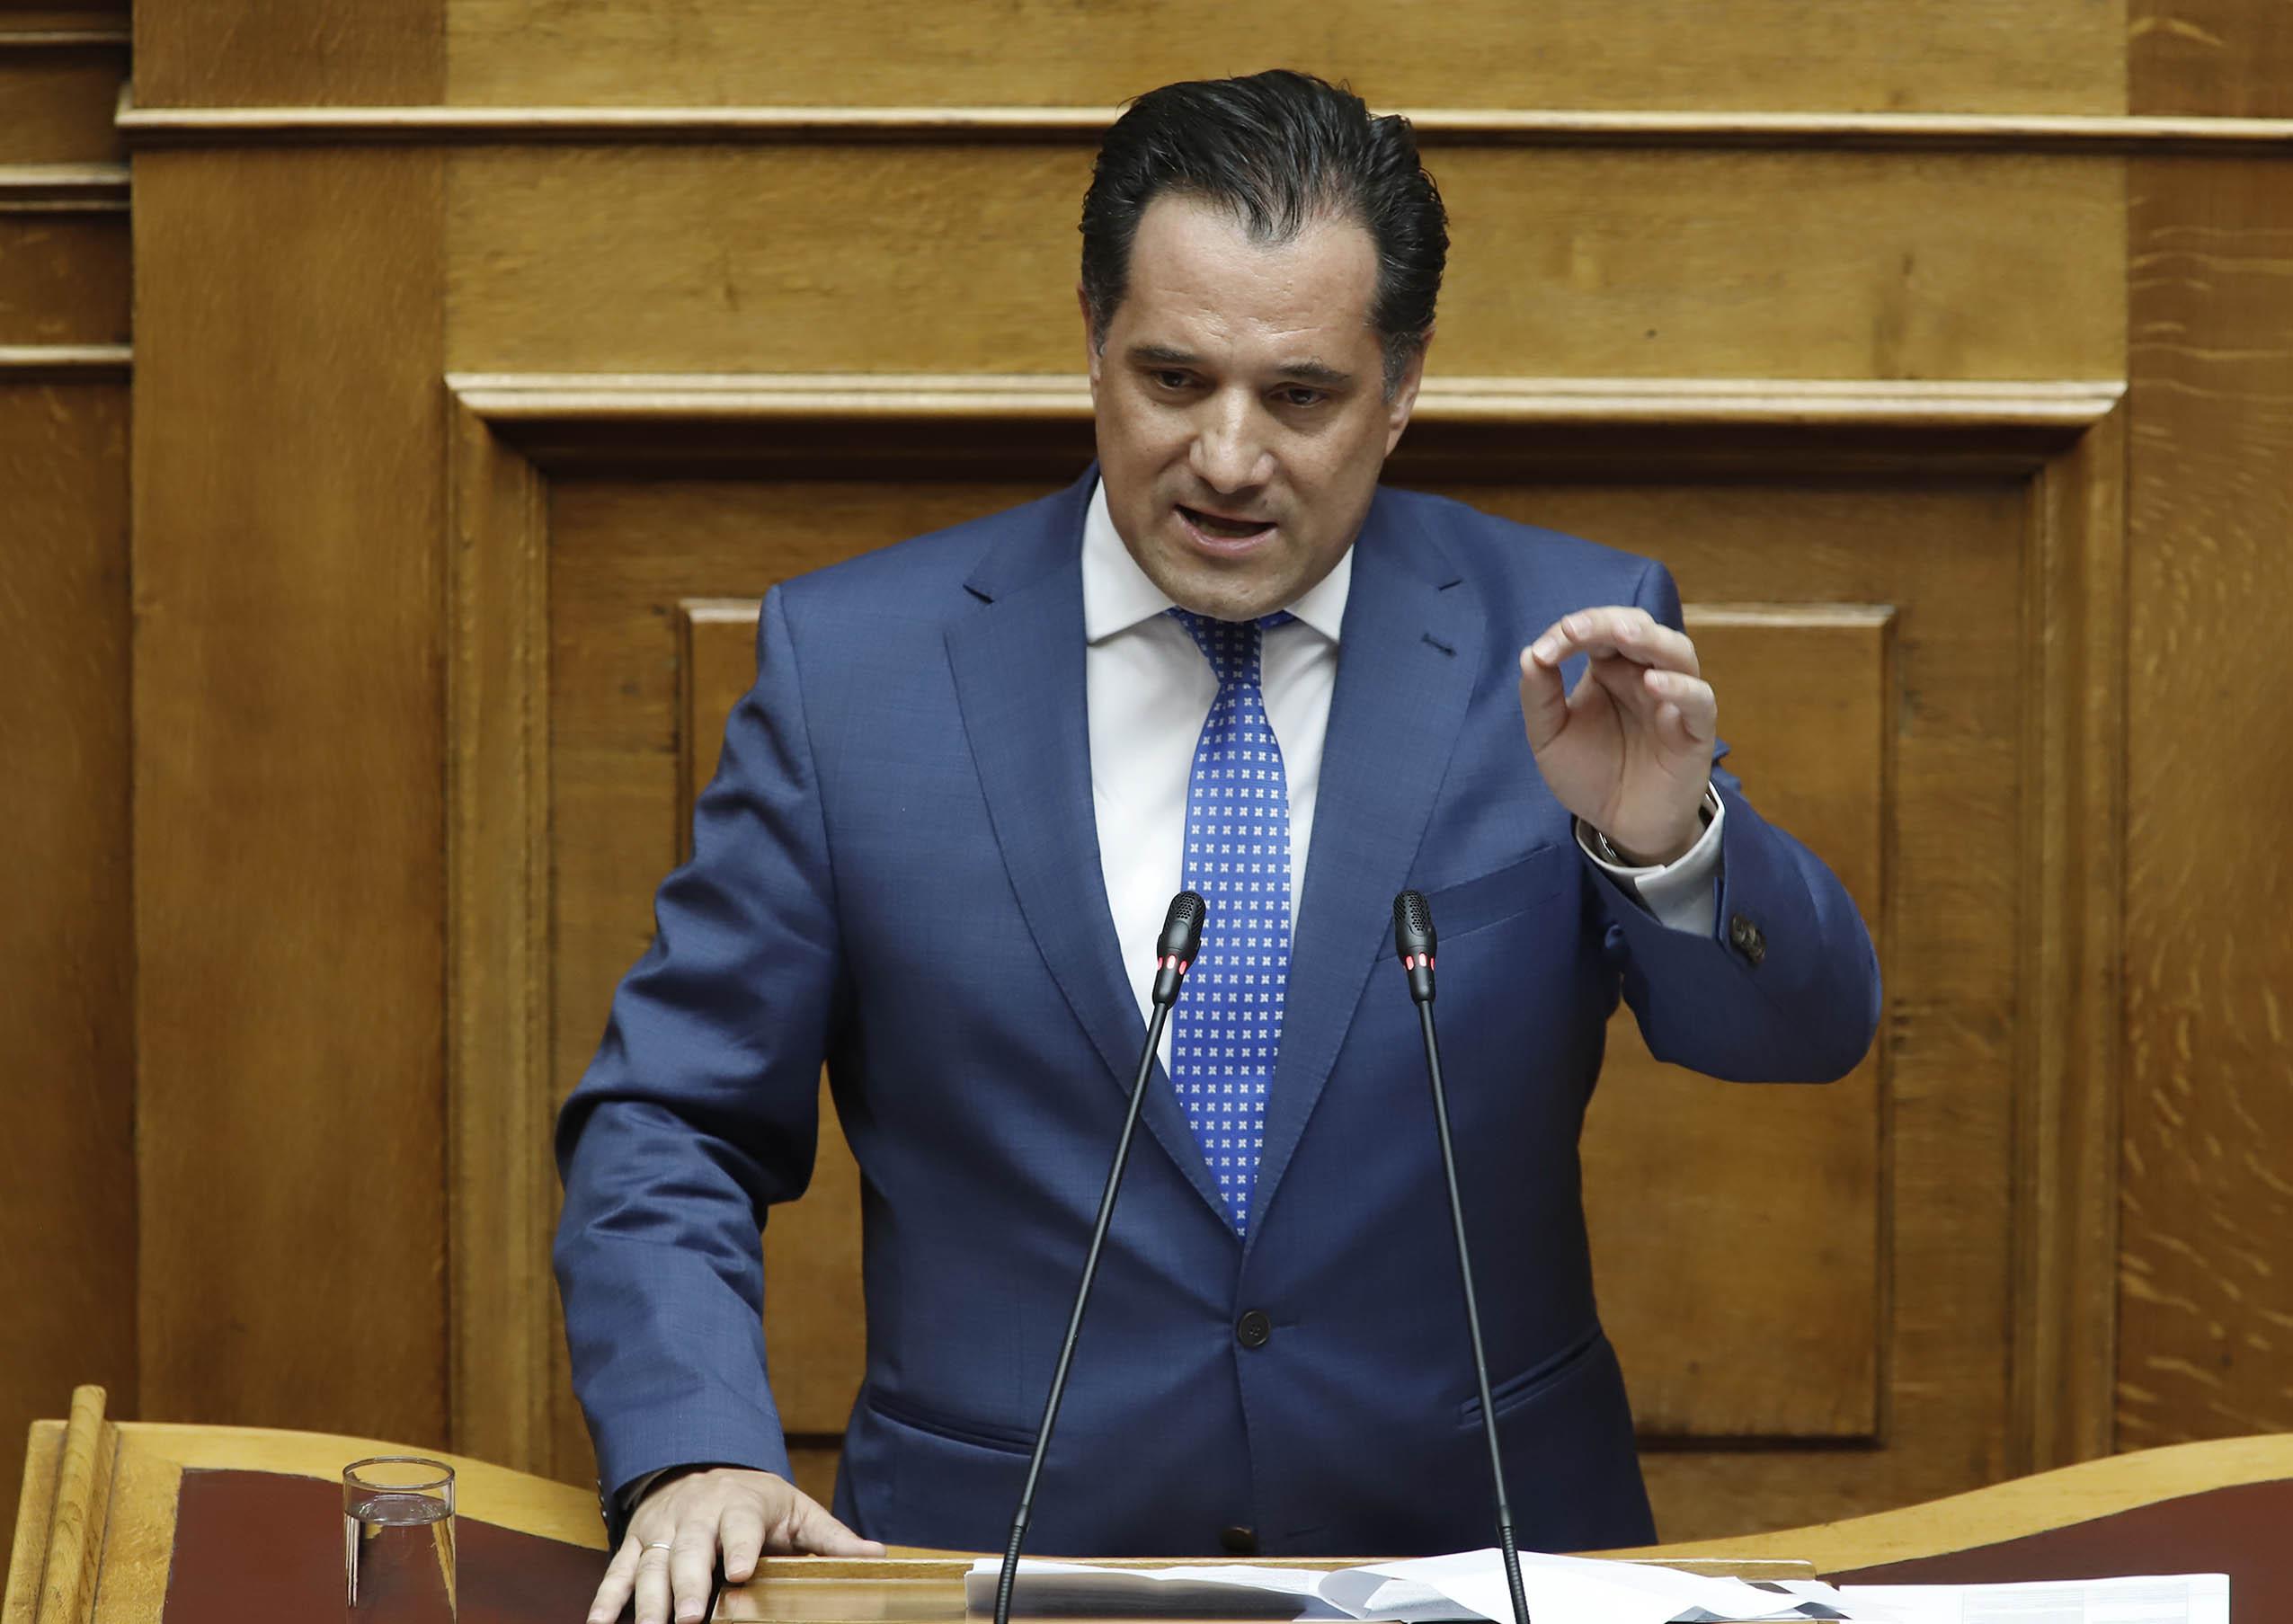 Α. Γεωργιάδης: «Ηλεκτρονικό σύστημα αδειοδοτήσεων και ενιαίος ψηφιακός χάρτης»